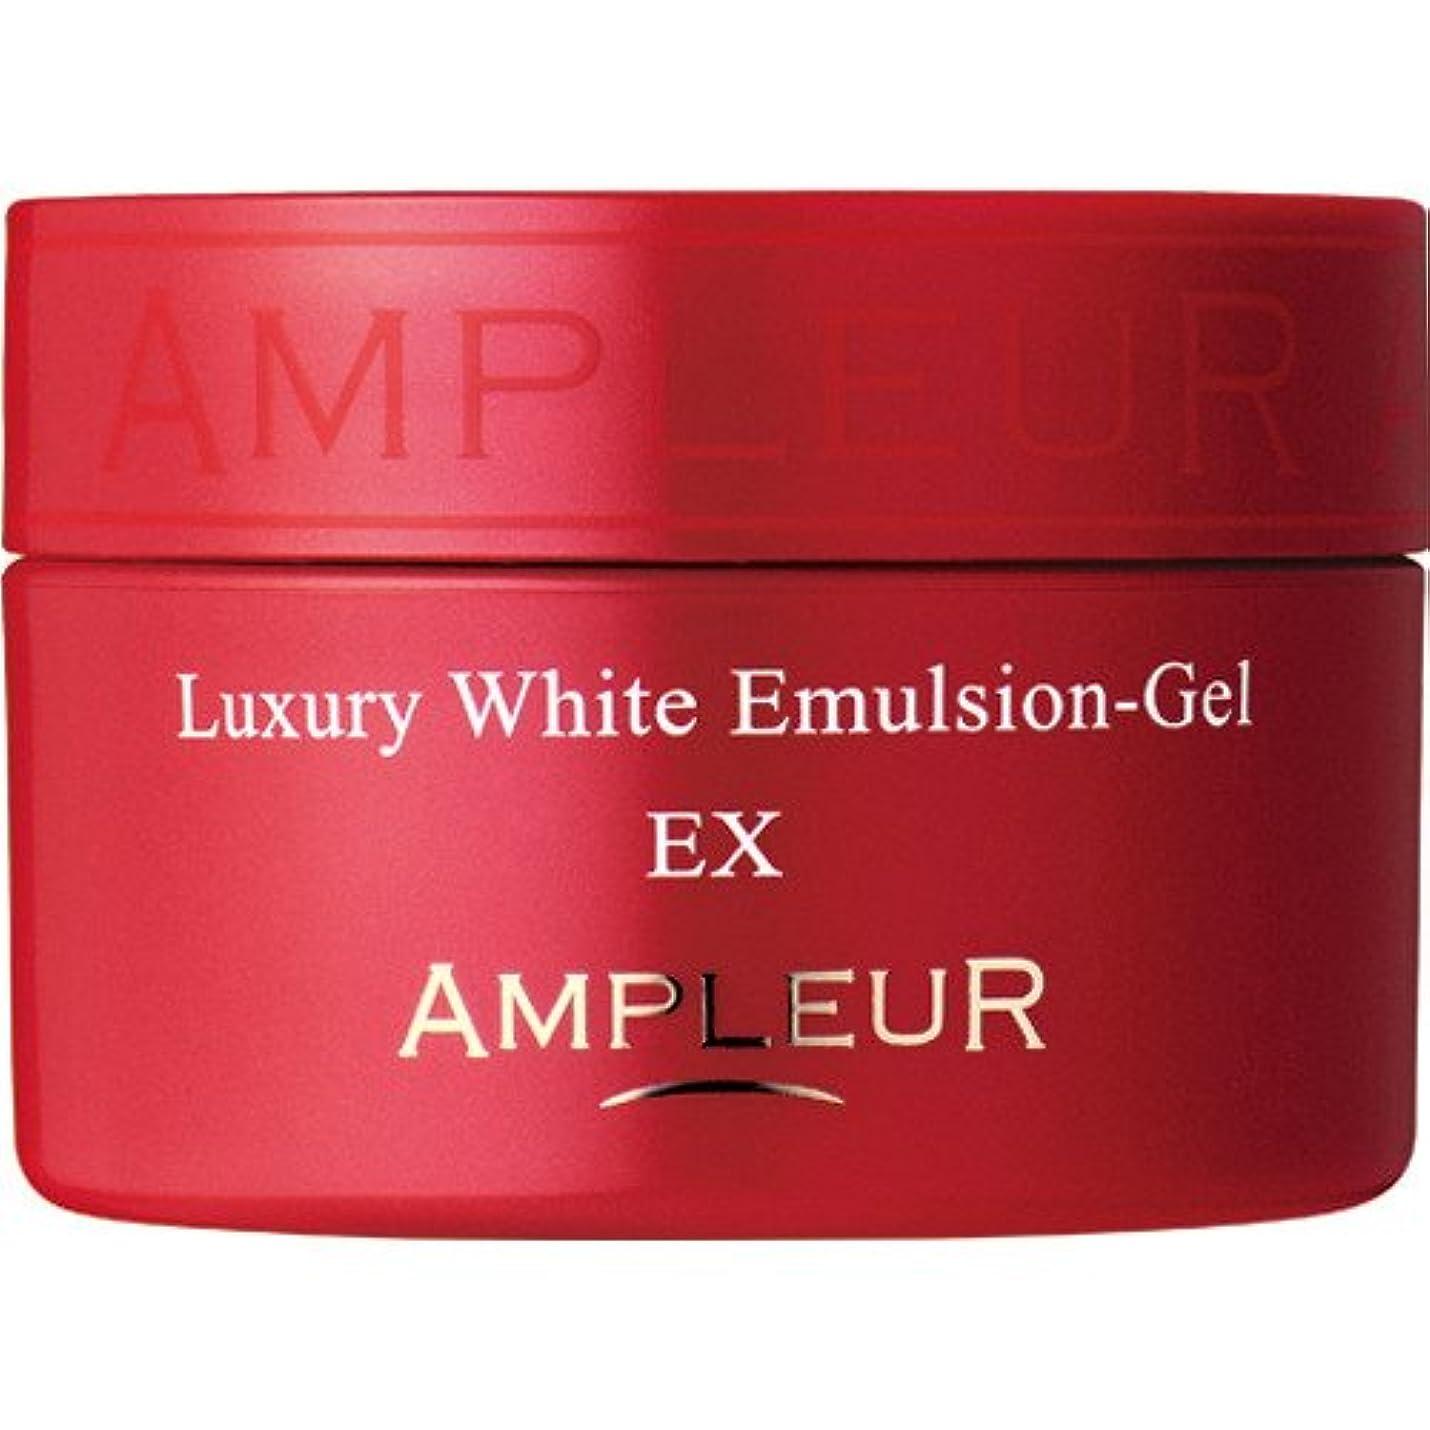 かけがえのない美徳濃度AMPLEUR(アンプルール) ラグジュアリーホワイト エマルジョンゲルEX 50g